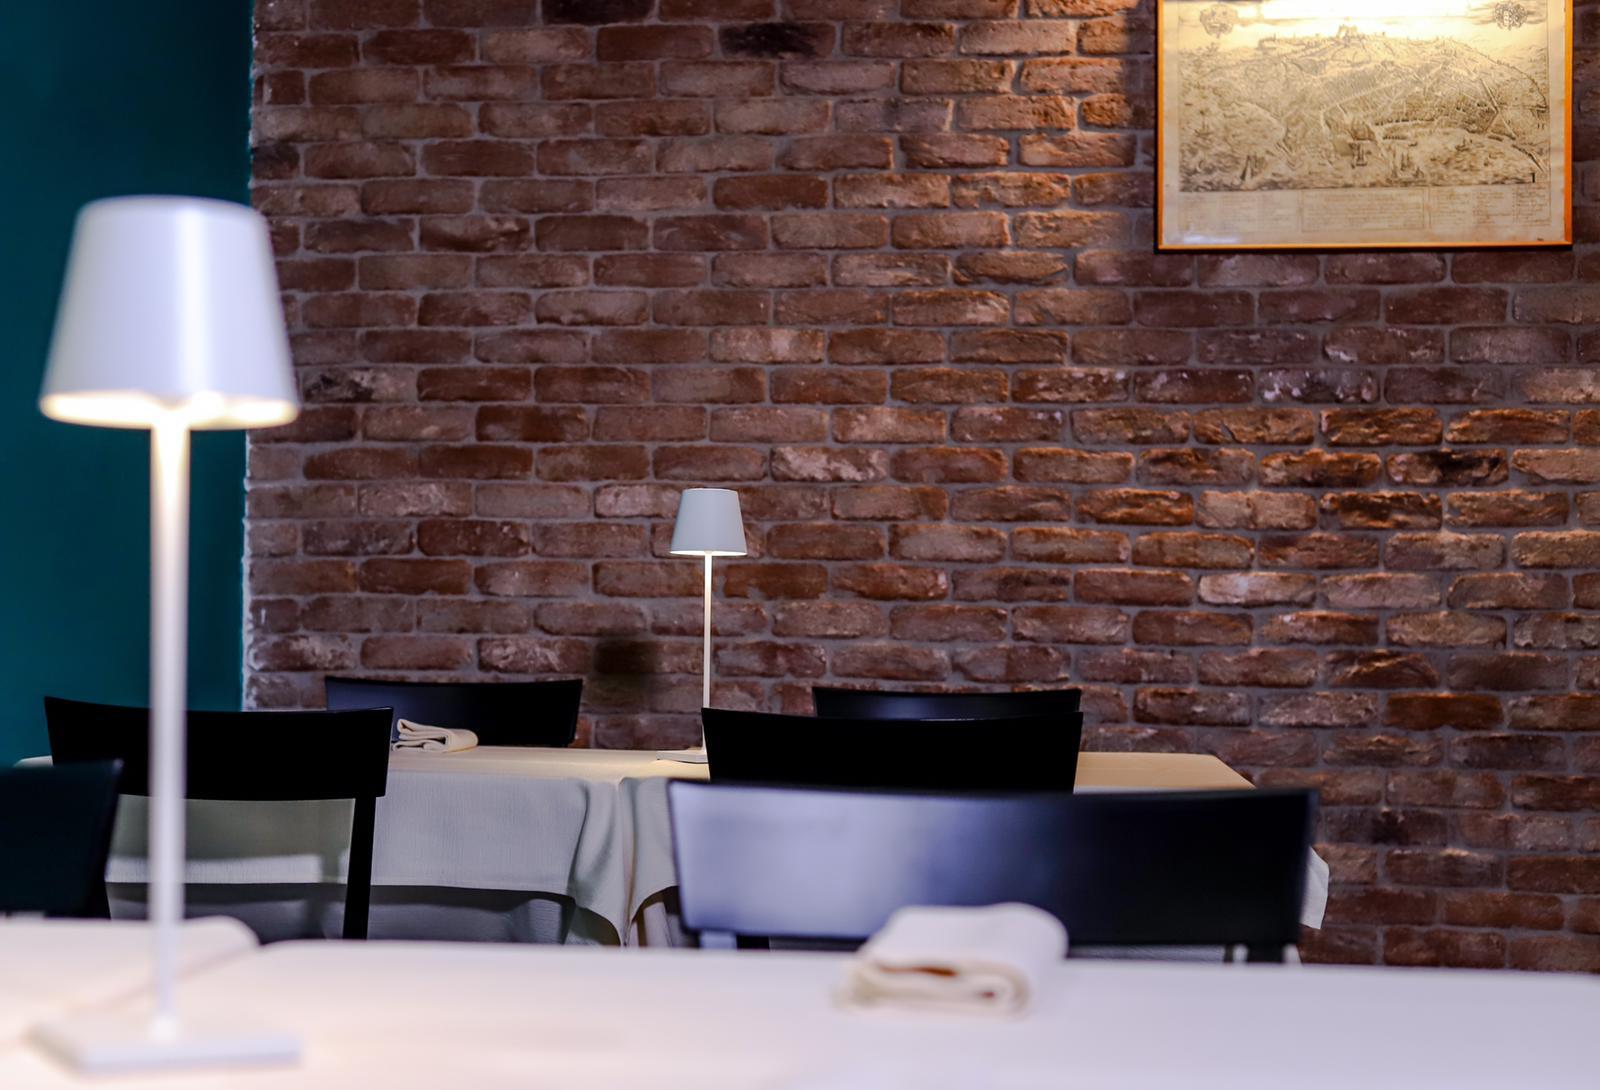 Negozi Lampadari Caserta E Provincia illuminazione per bar e ristoranti » piemonte » cuneo » bra